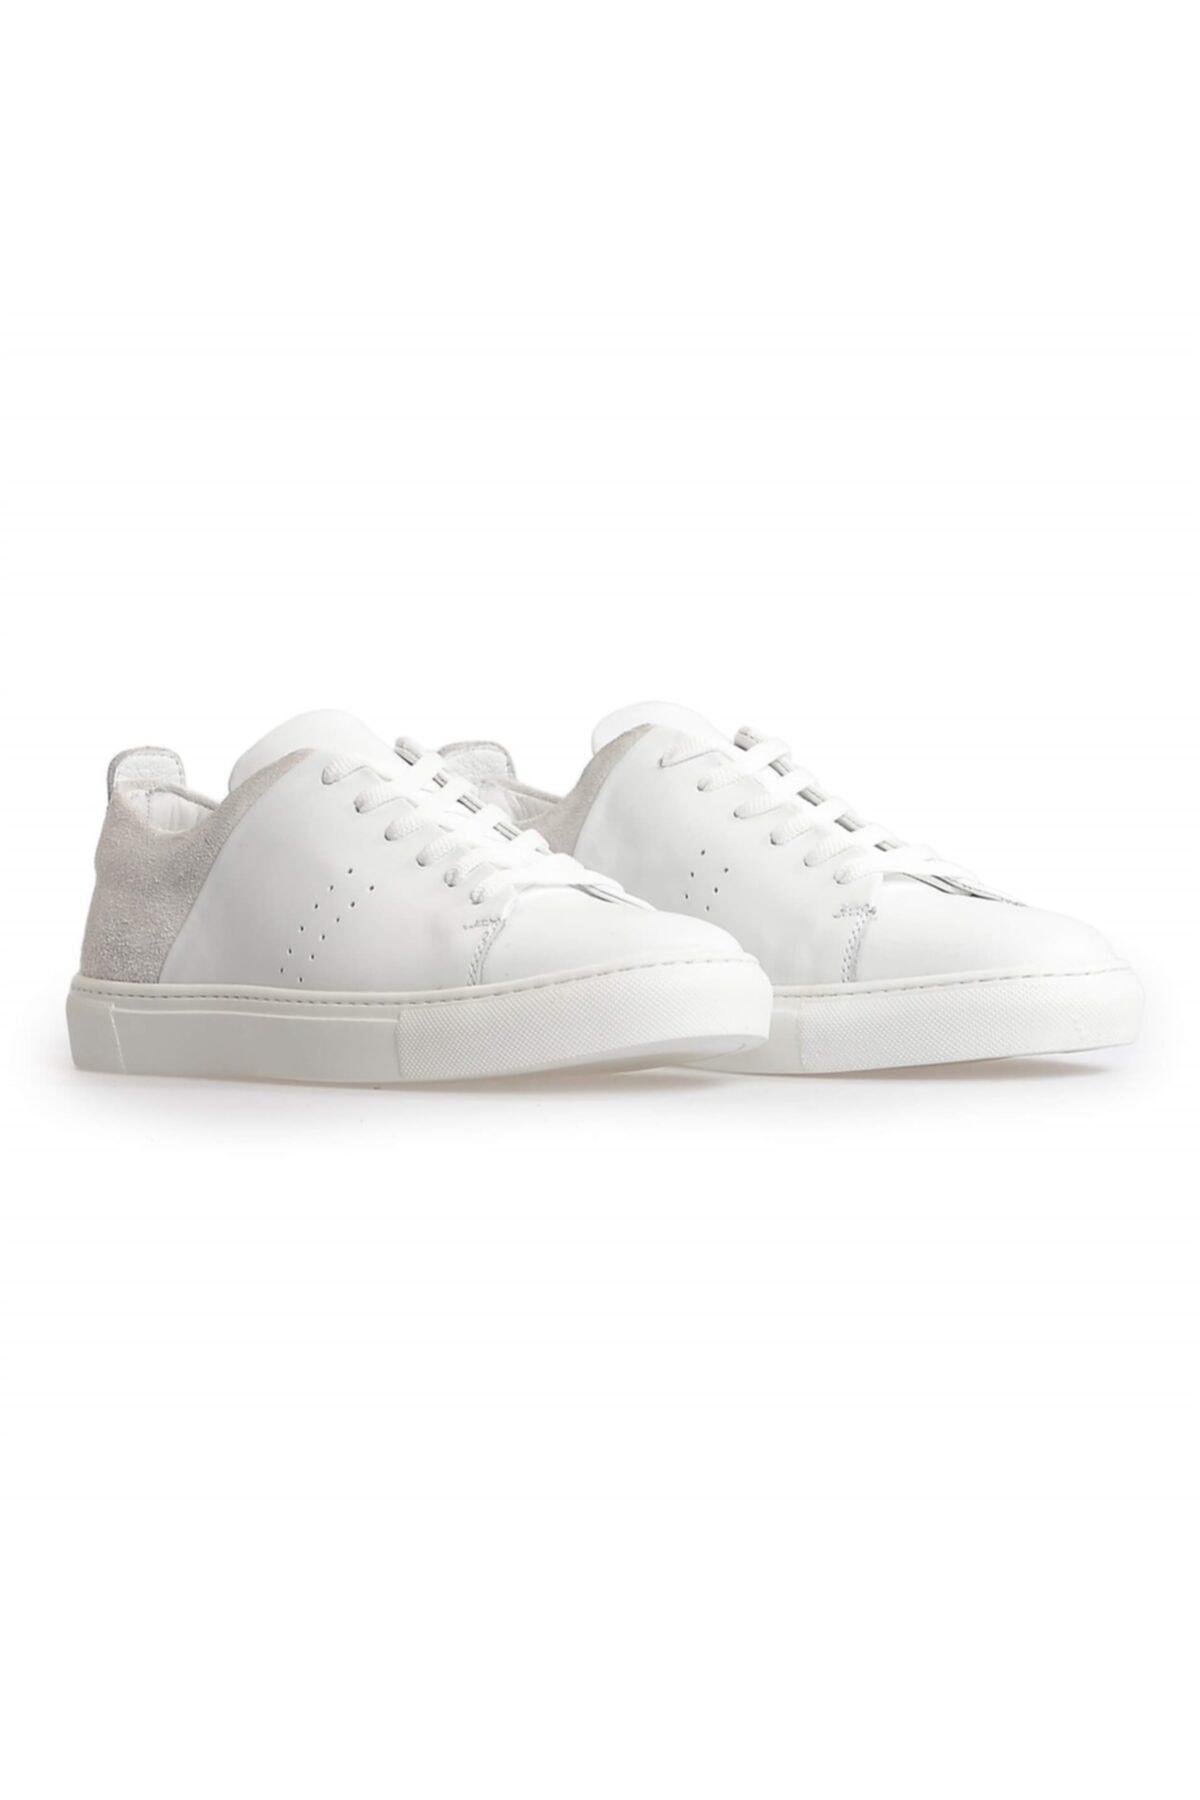 Flower Beyaz Deri Süet Kombin Bağcıklı Erkek Sneakers 2